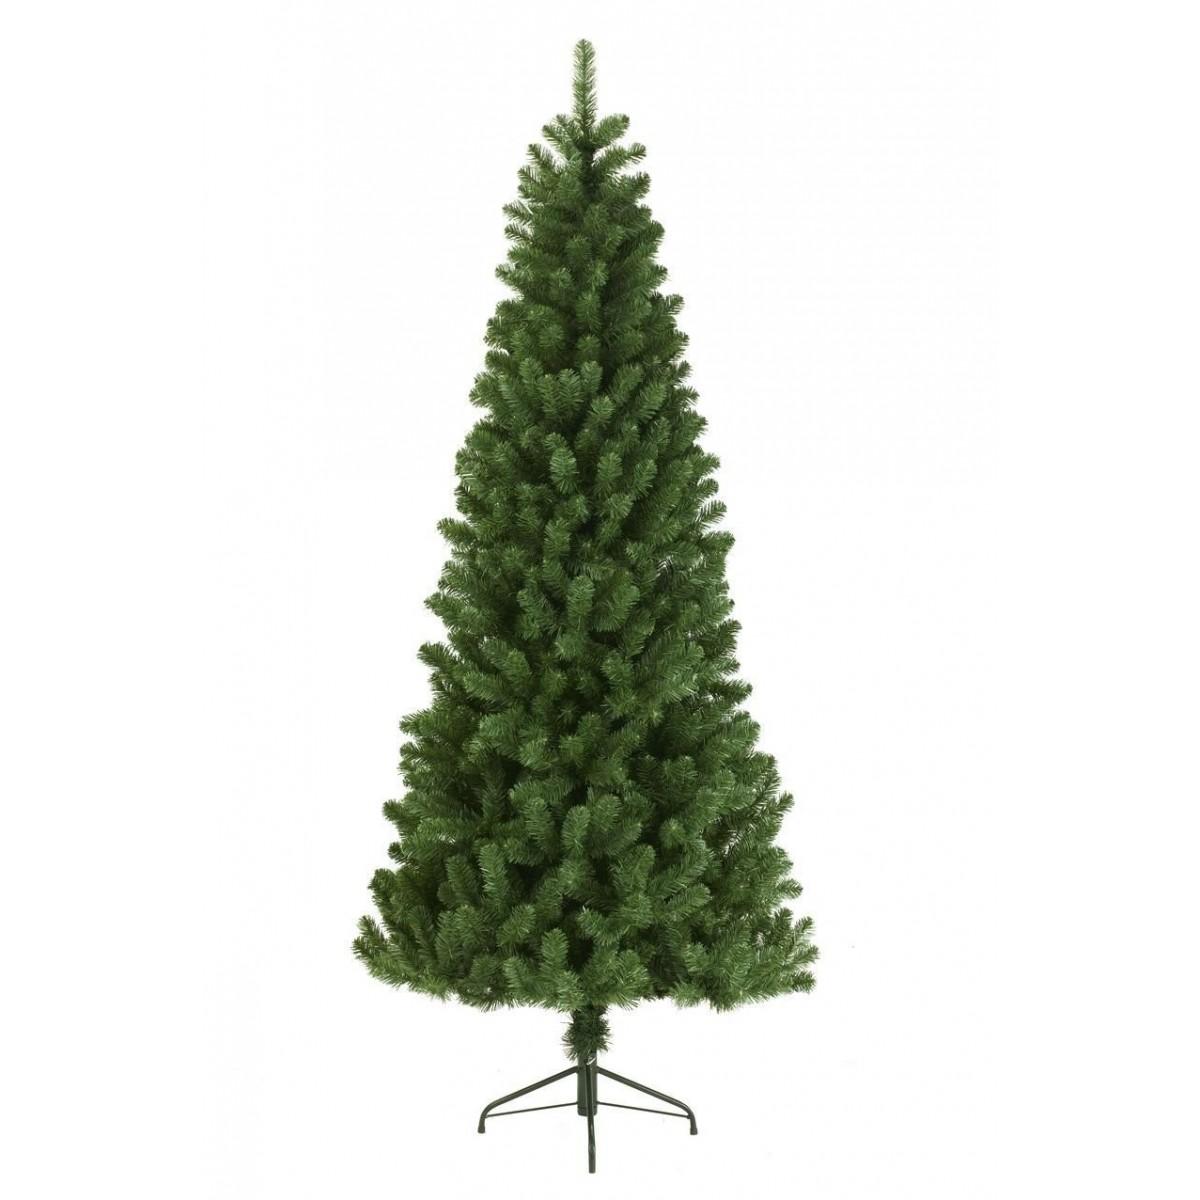 180cm/6ft Slim Newfoundland Pine Artificial Christmas Tree